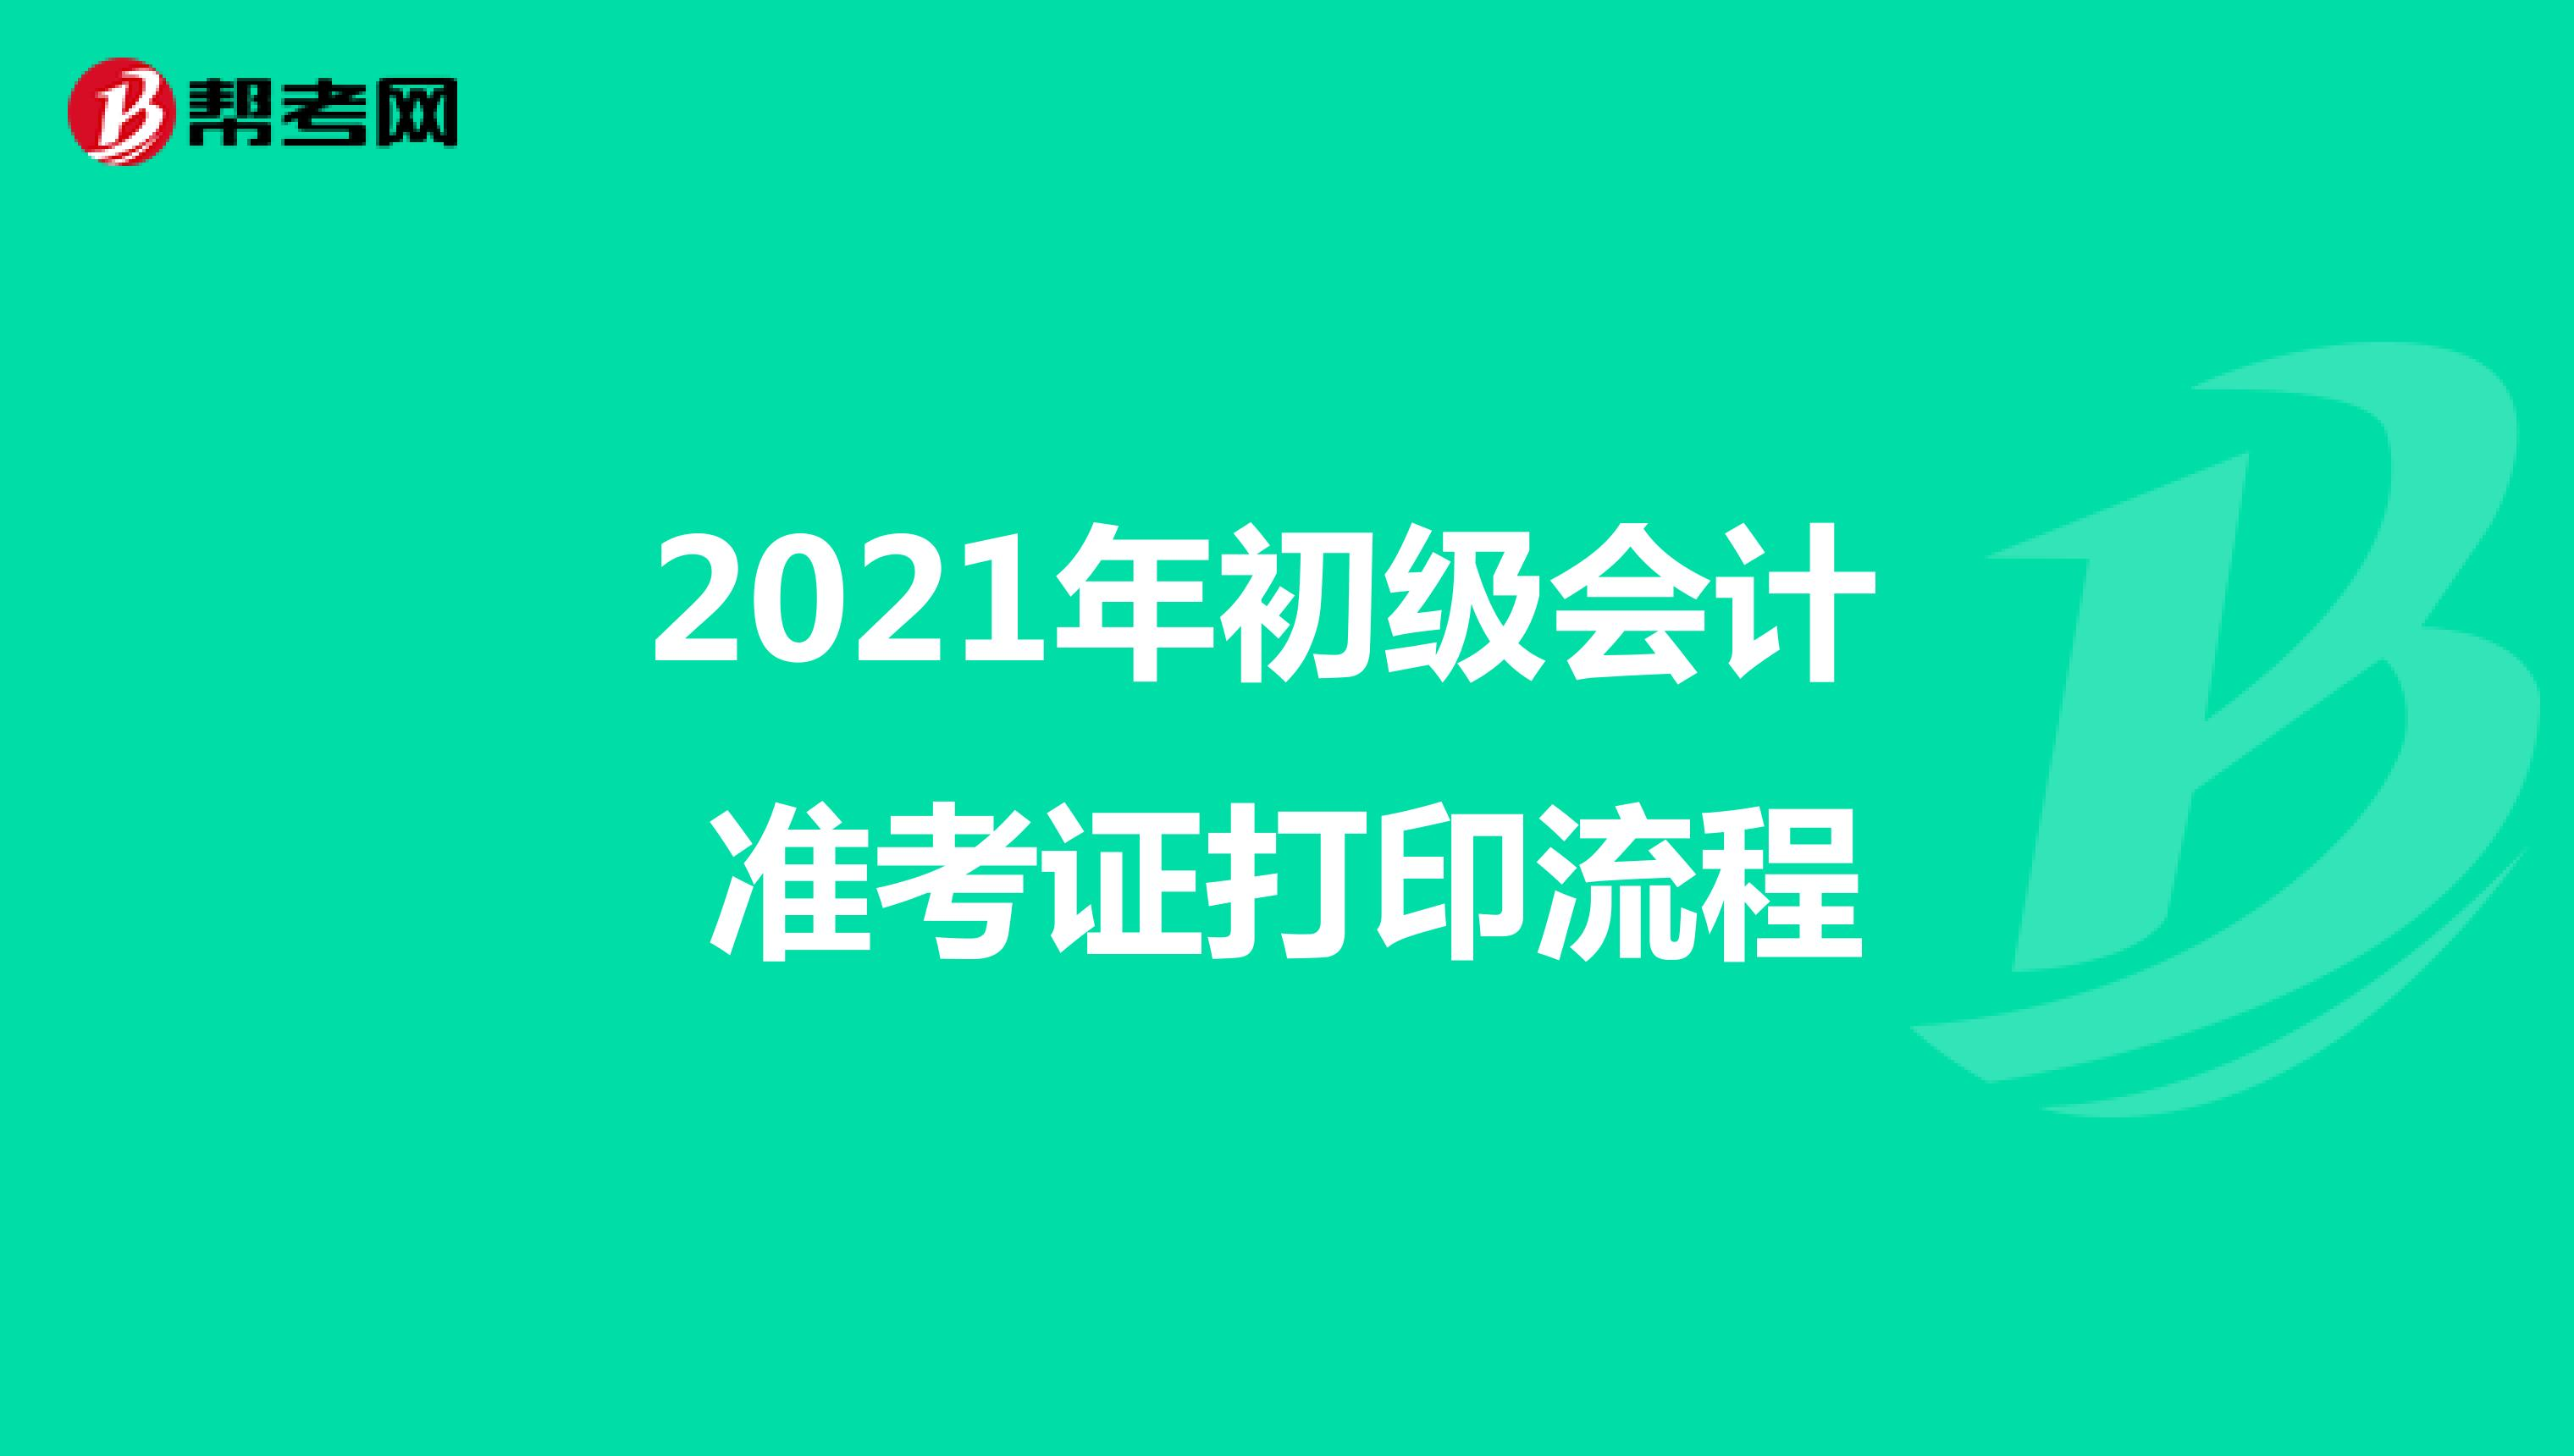 2021年初级会计 准考证打印流程